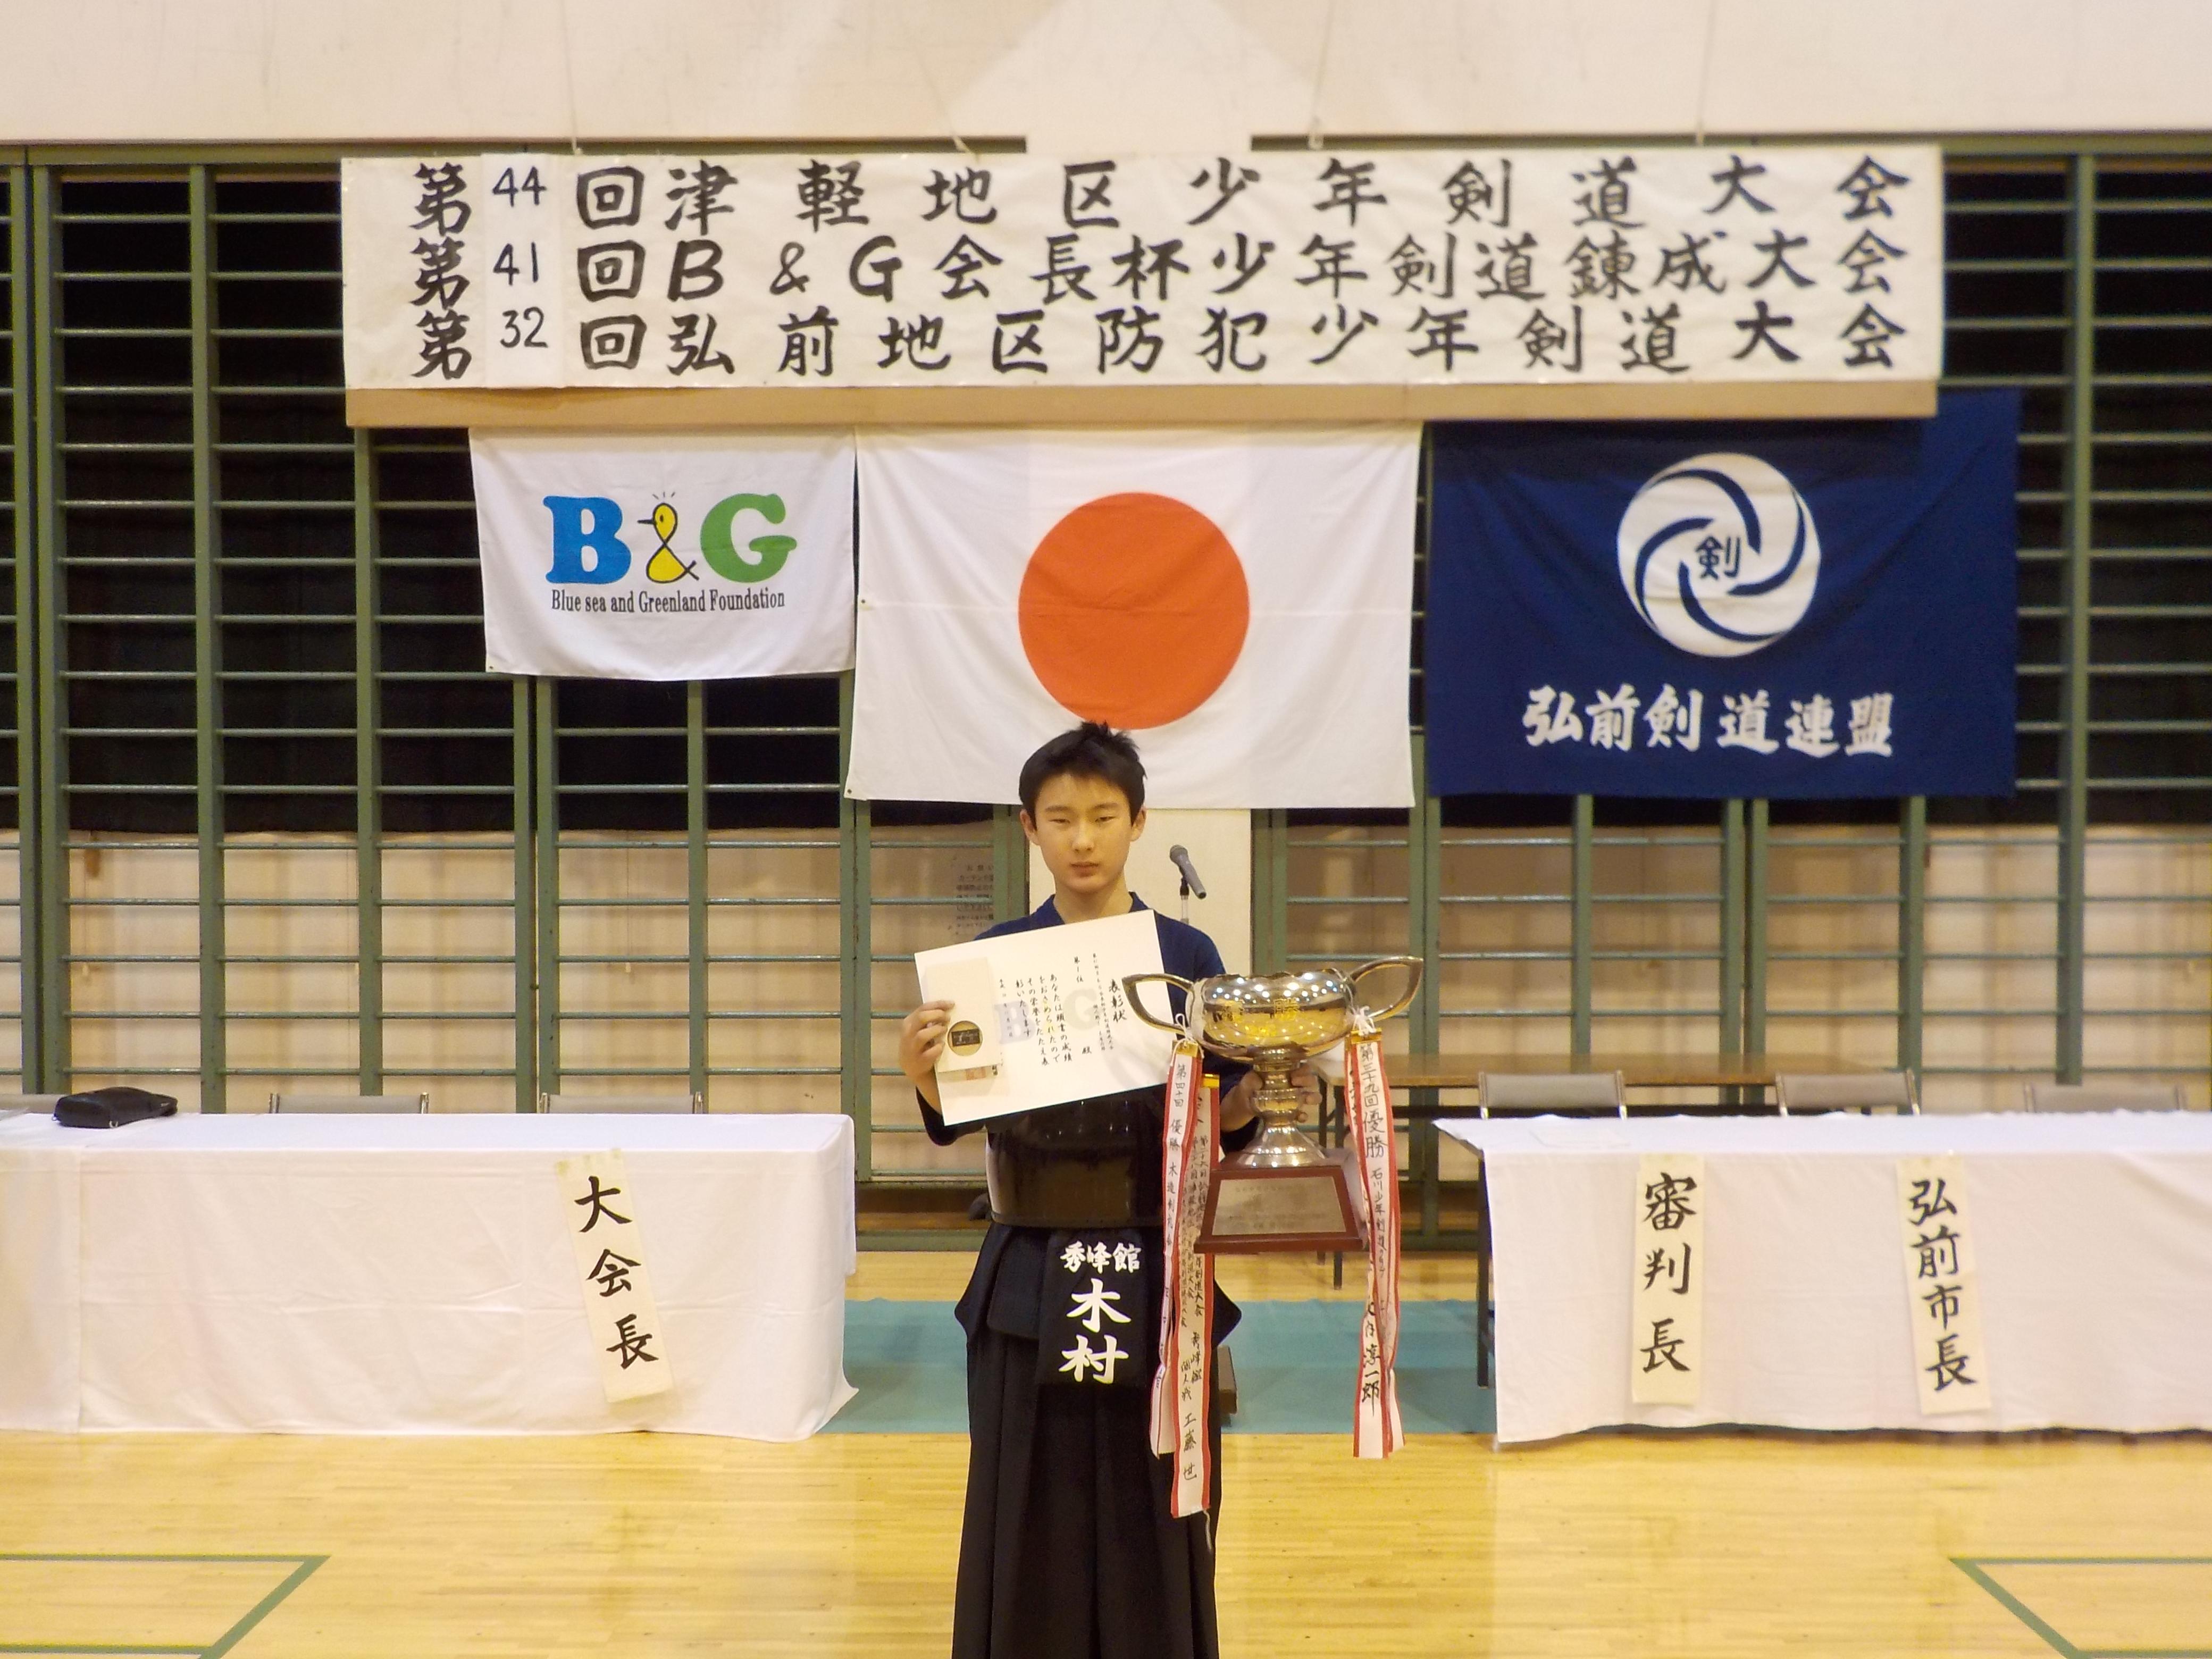 第41回B&G会長杯少年剣道錬成大会